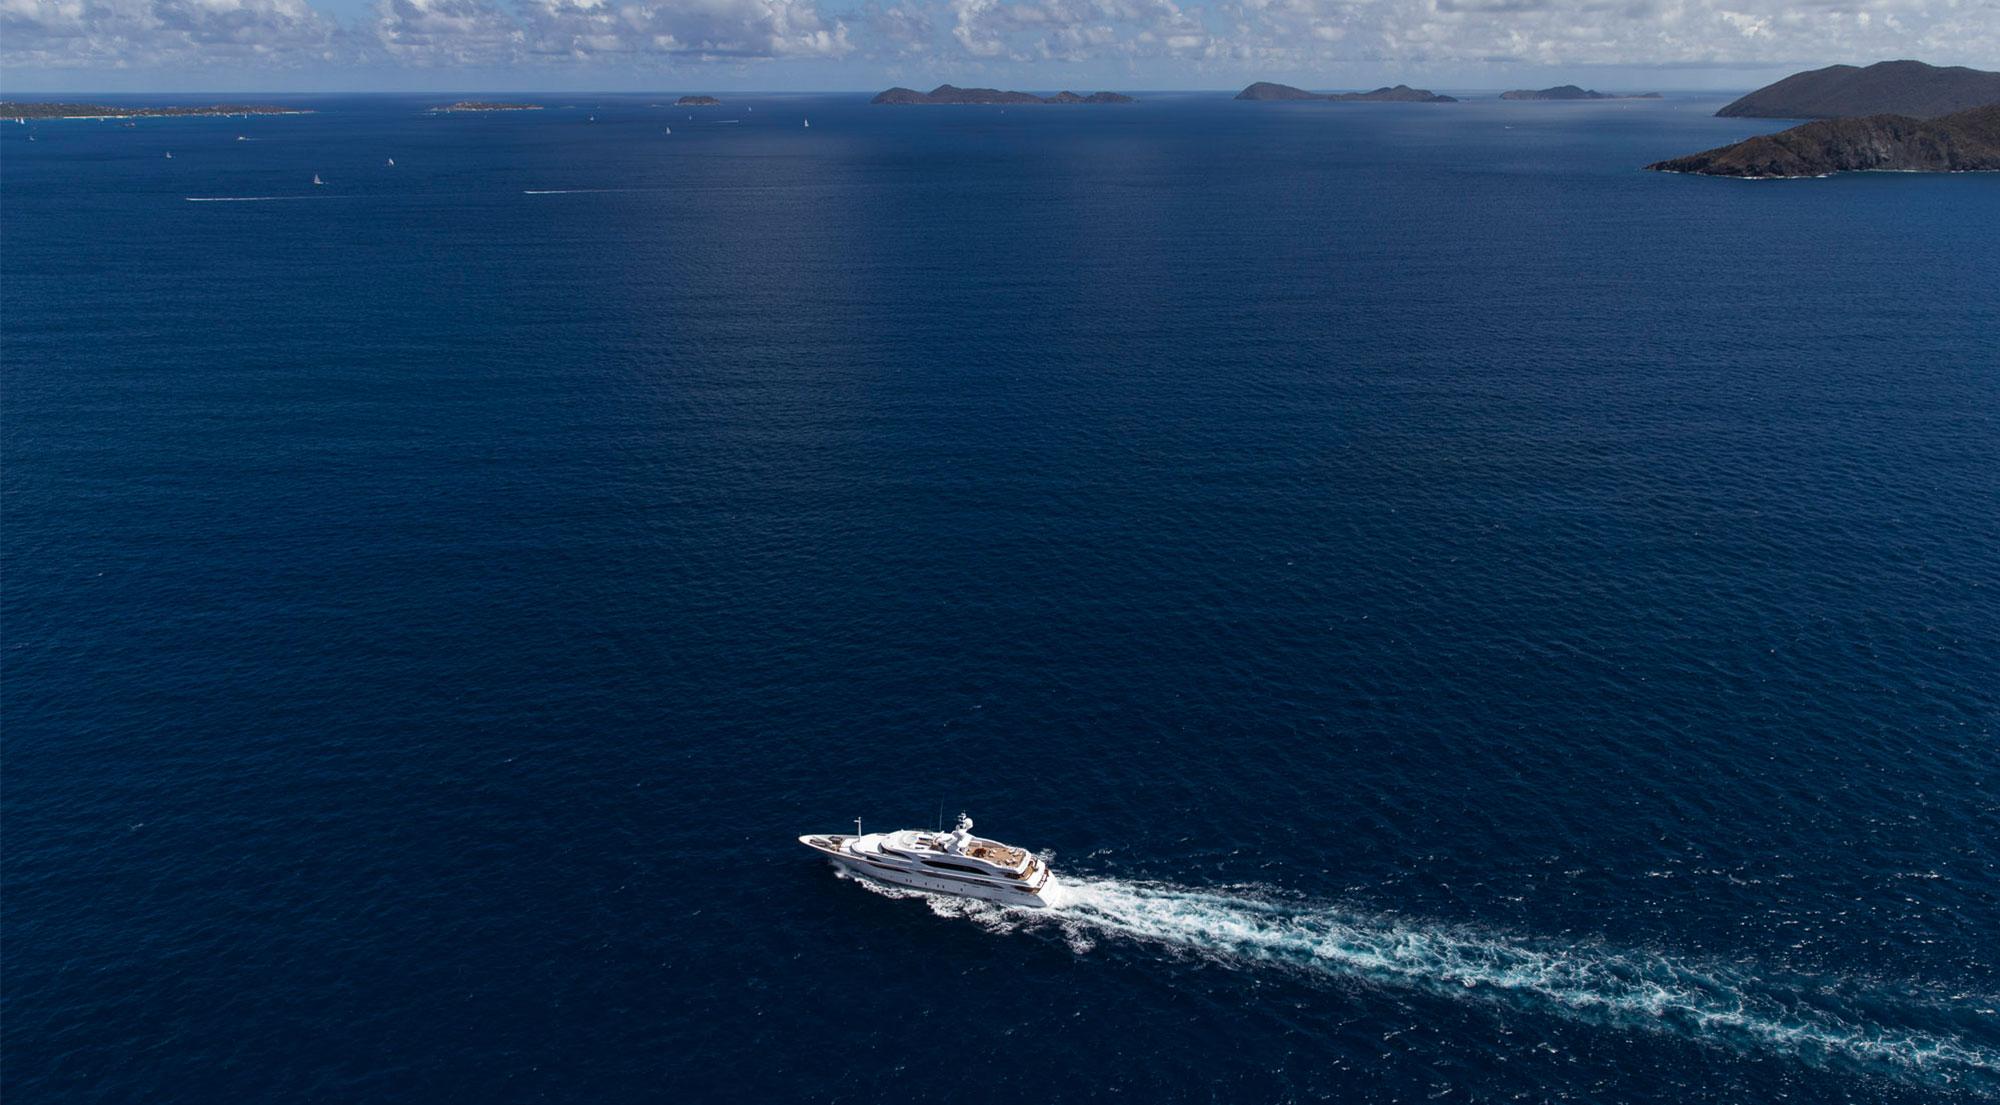 Alquiler de yates en el Mar Mediterráneo.